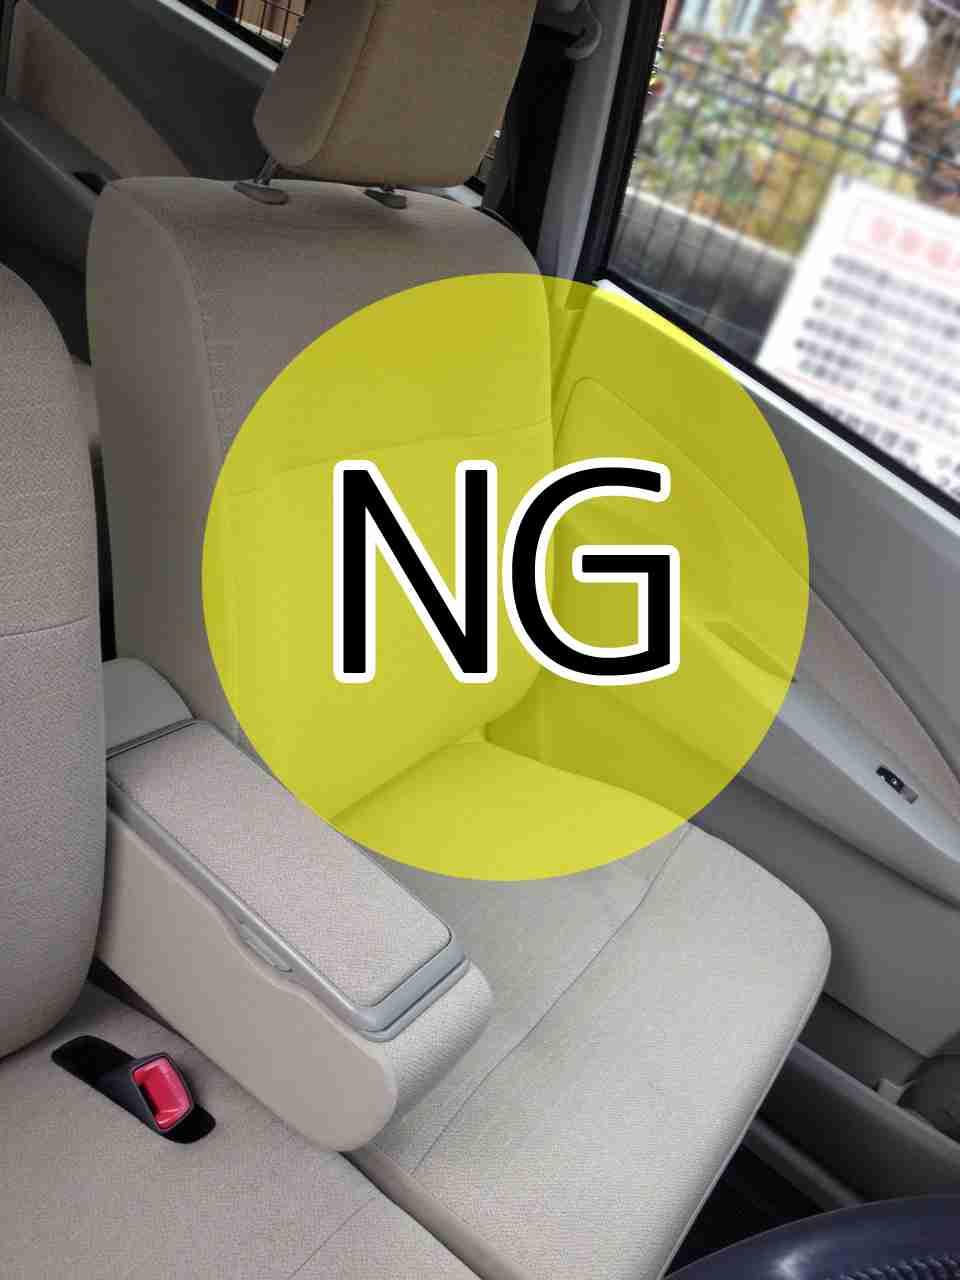 運転中、助手席の人にしてほしくない事ありますか?